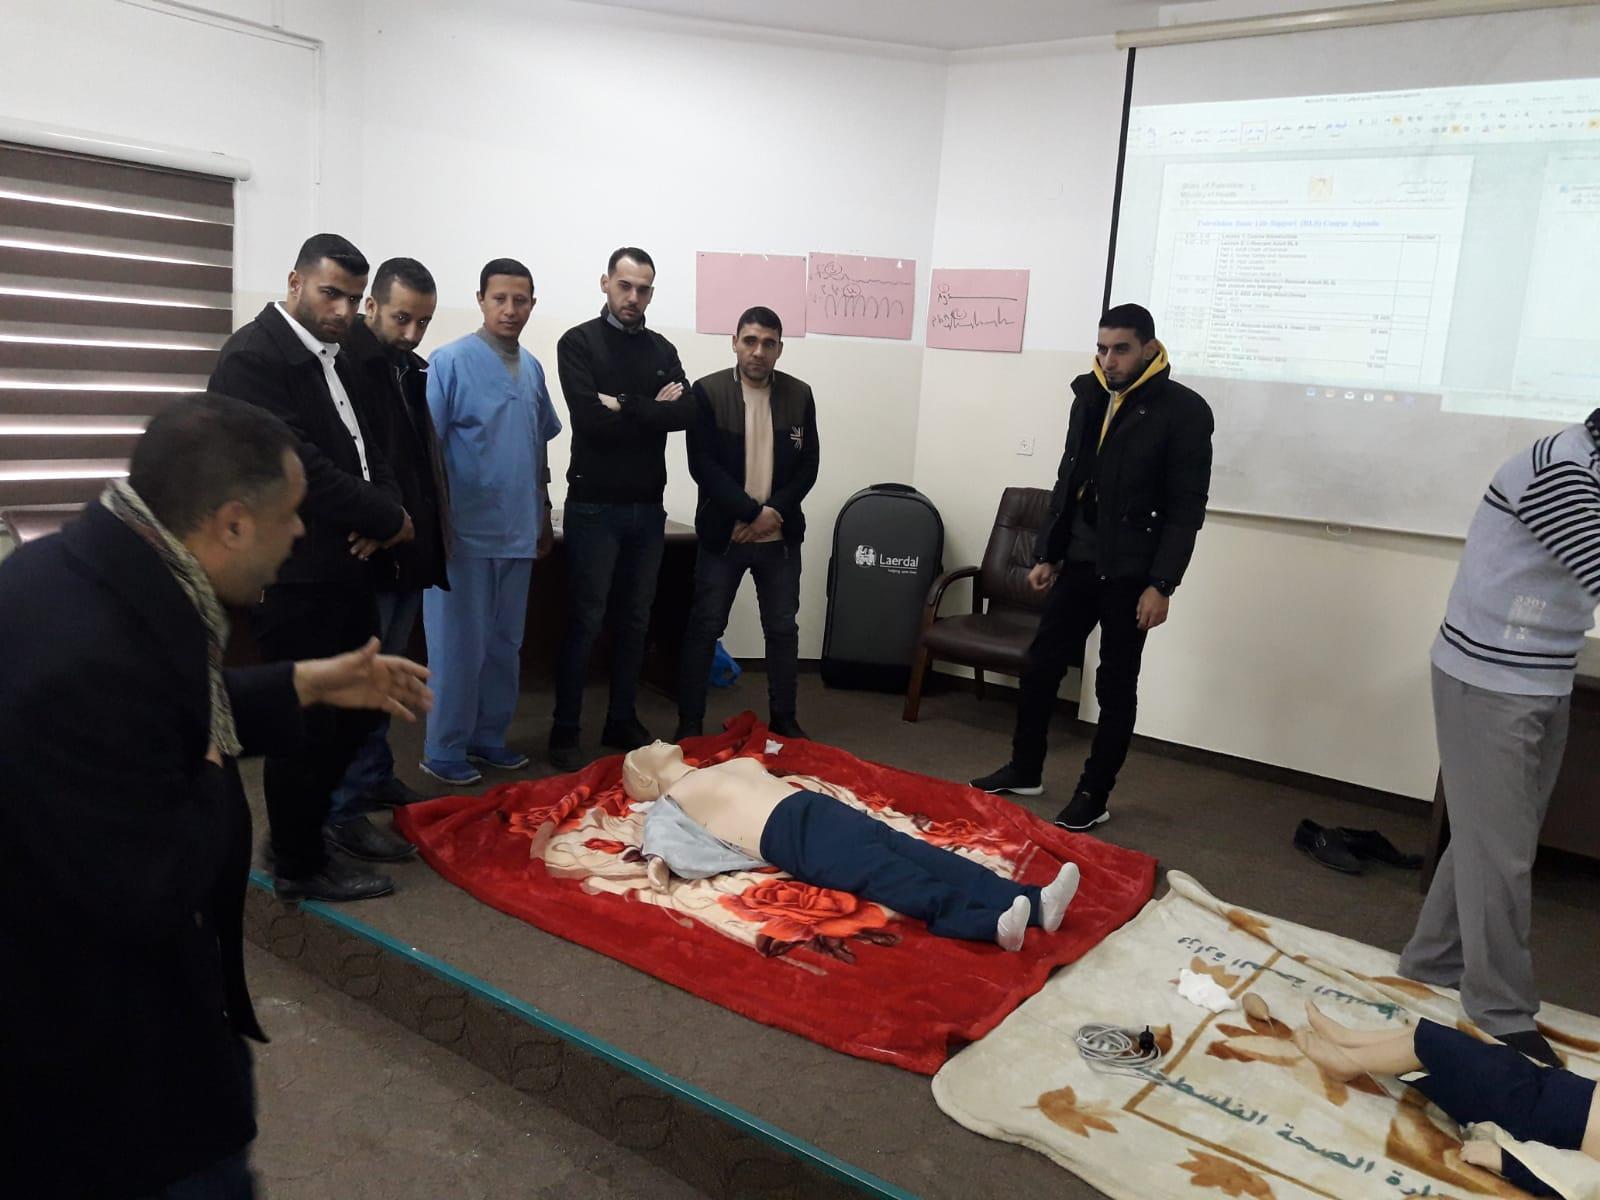 تحت شعار انقاذ الحياة  القوى البشرية بوزارة الصحة تفتتح خمس دورات تدريبية في مهارات دعم الحياة الاساسي